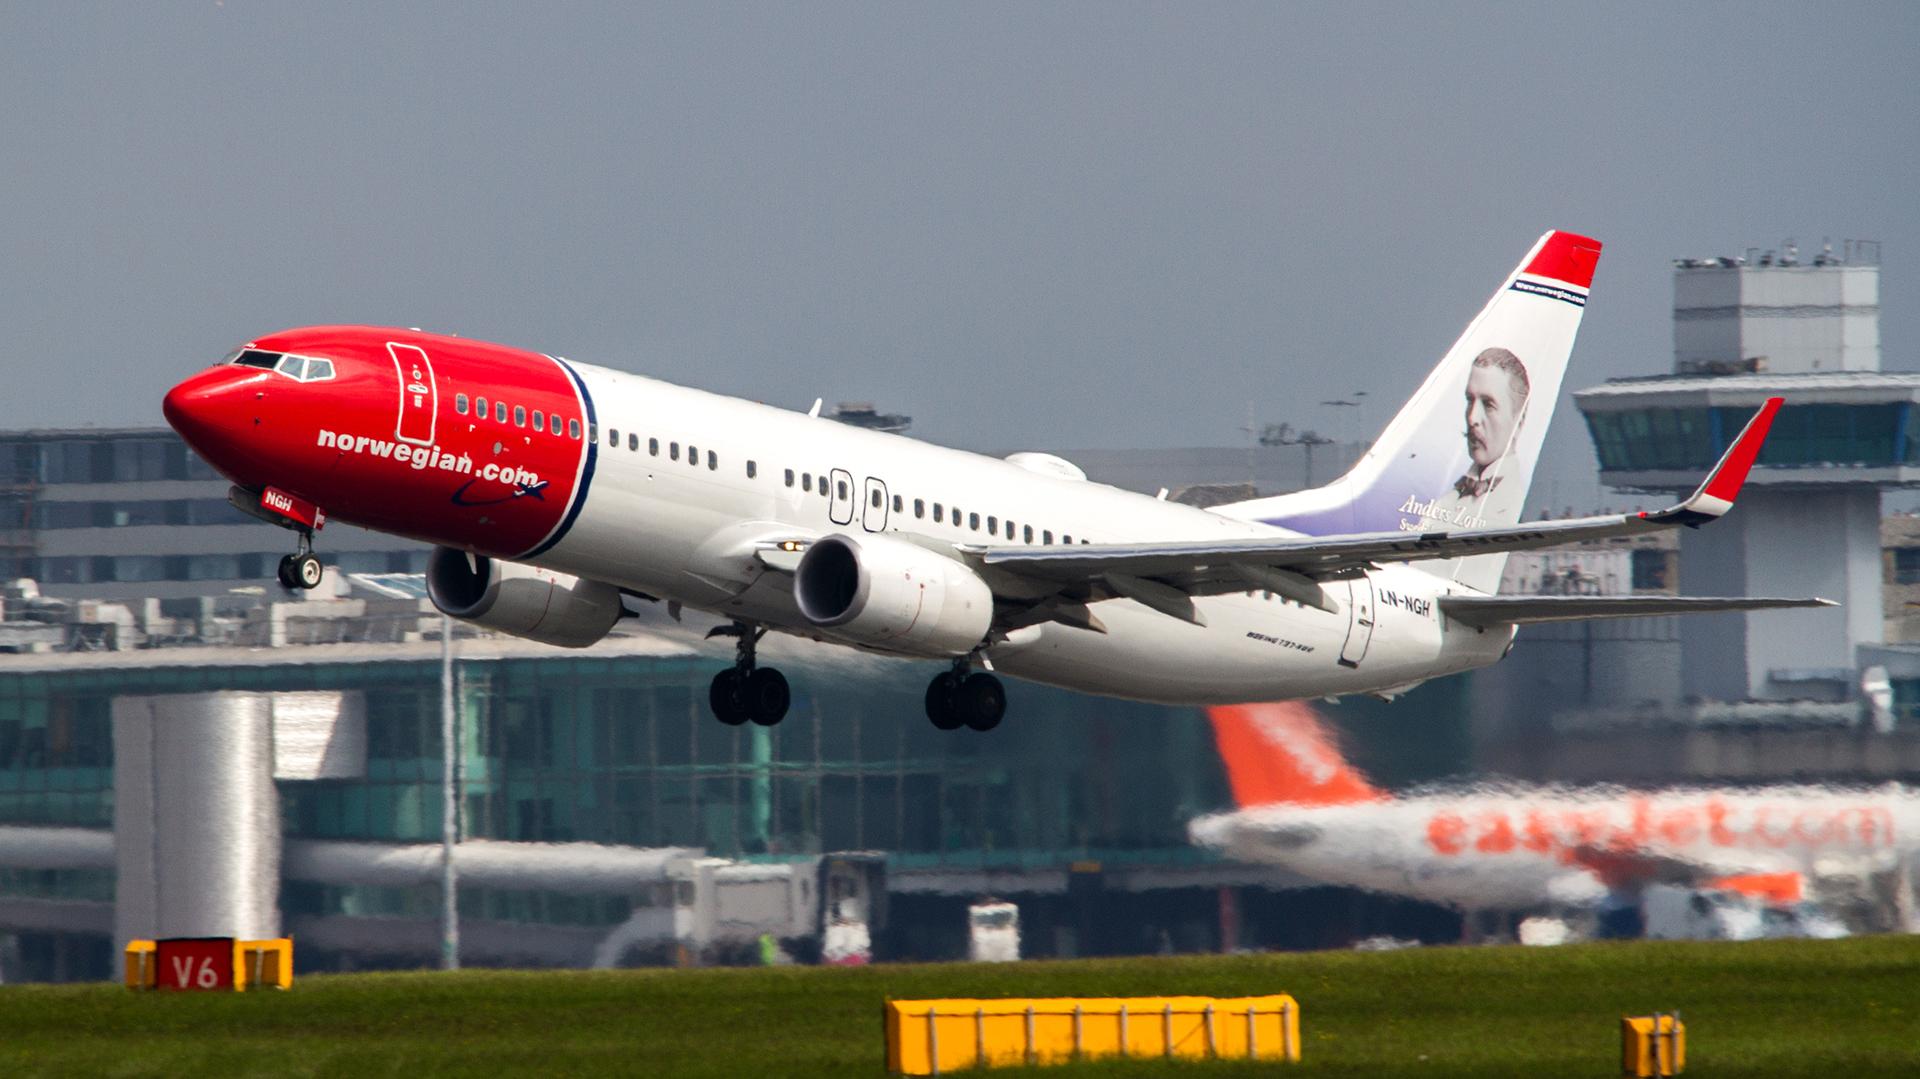 La aerolíneacomenzó con sus vuelos de cabotaje en octubre del año pasado